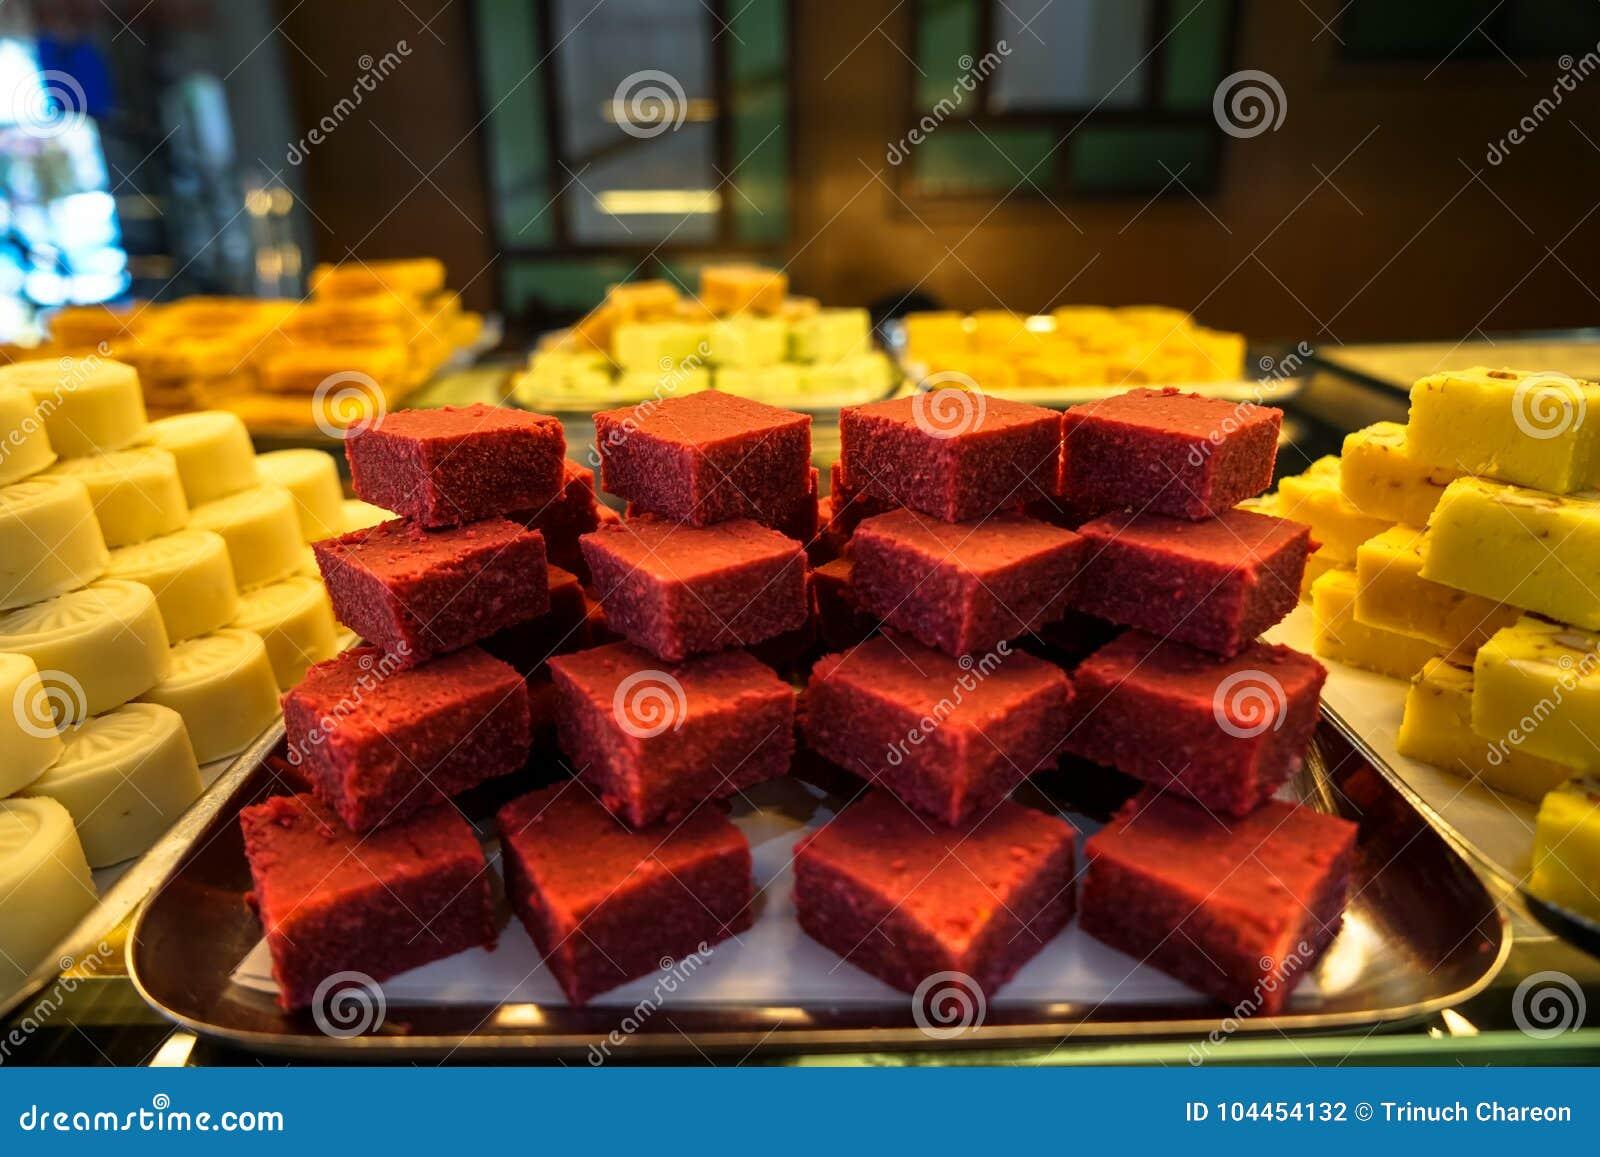 Plateaux complètement de dessert doux indien de velours rouge coloré de pile dans l étalage de boulangerie